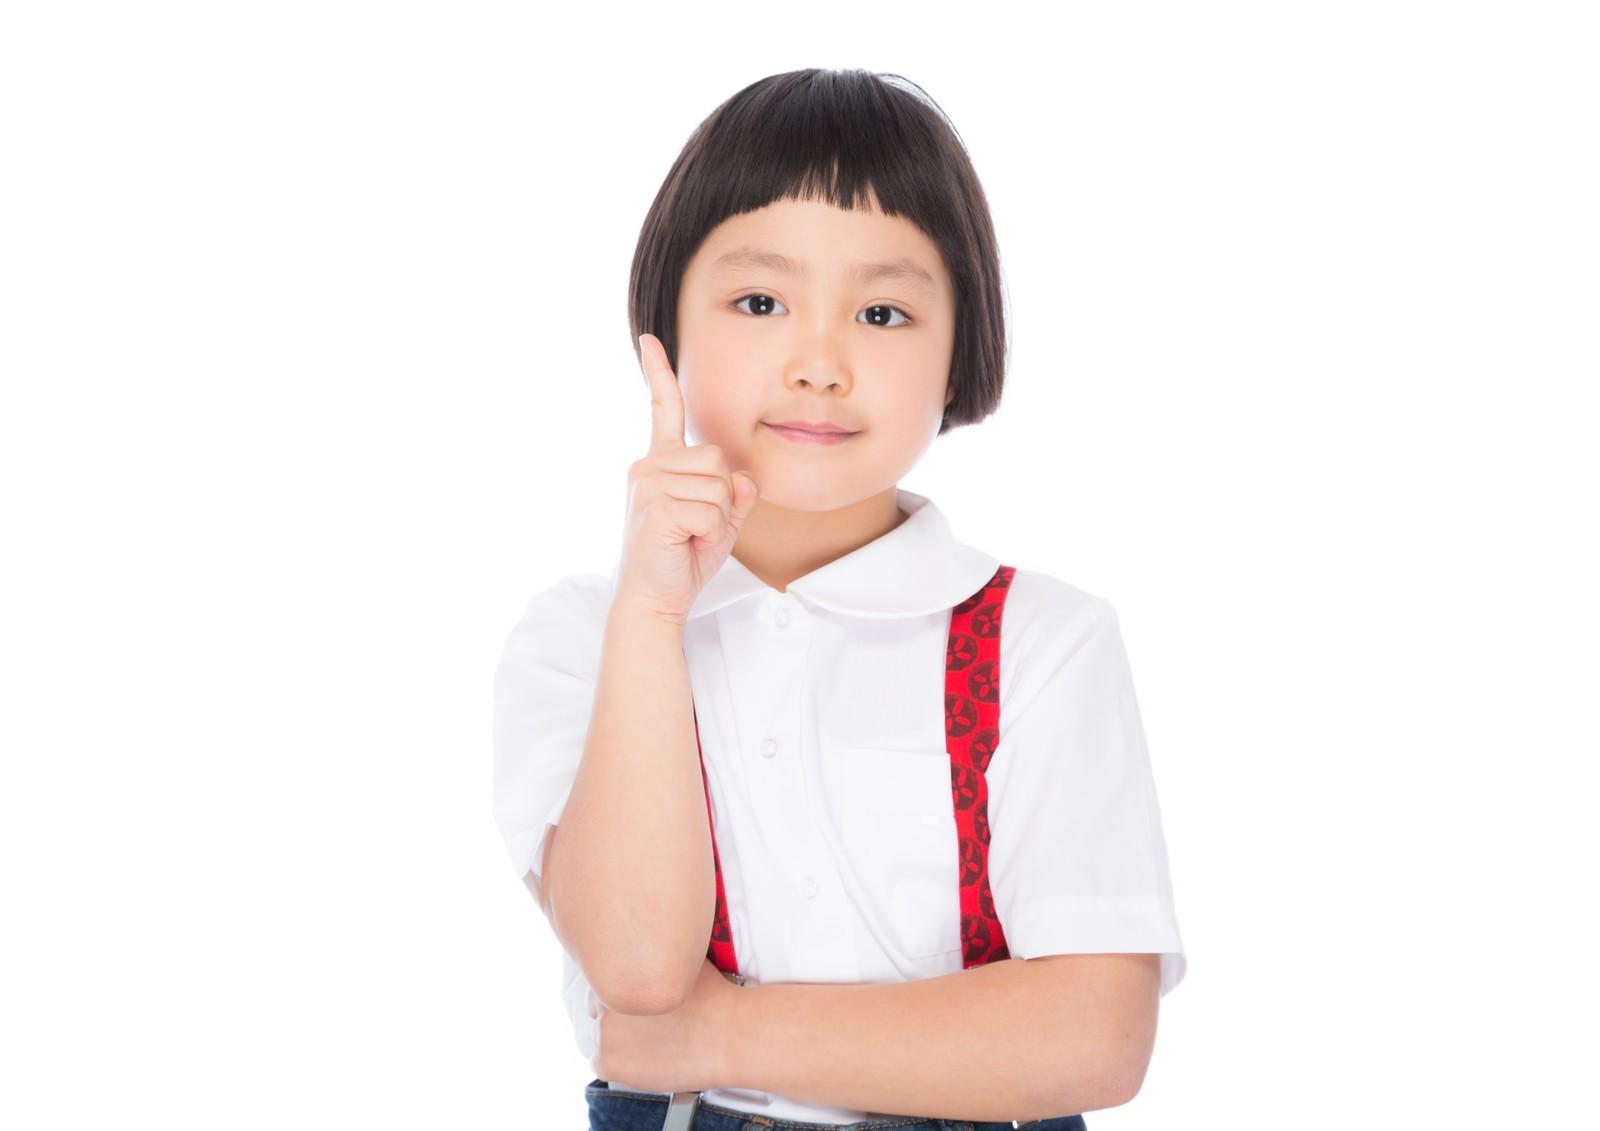 教育実習 プレゼント 小学校 中学校